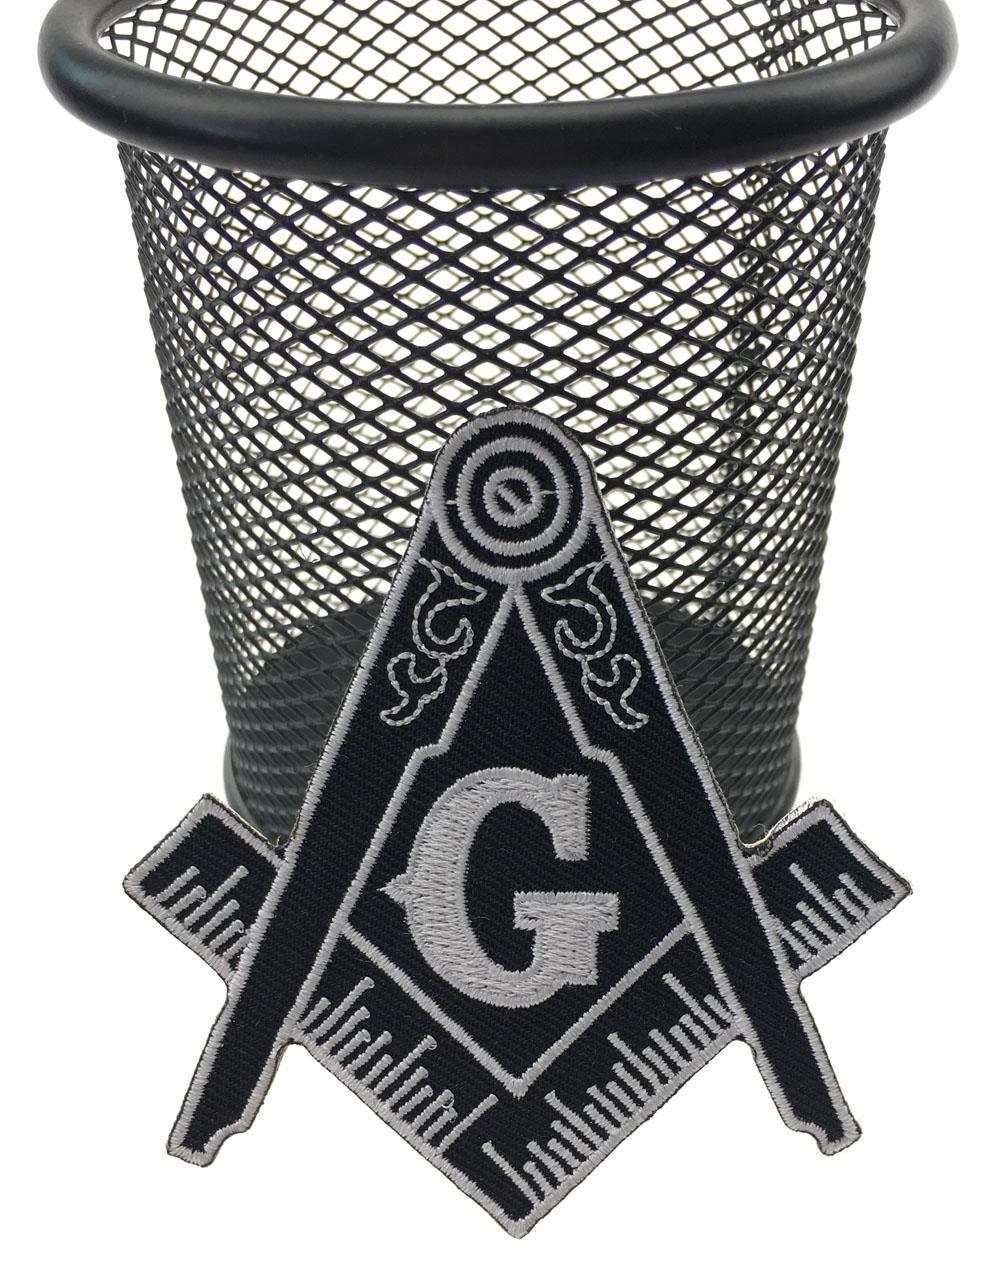 Vendita calda! Massonica Compass patch ricamato il ferro-su vestiti Massone Lodge Emblem Mason G Distintivo Sew On qualsiasi indumento di trasporto